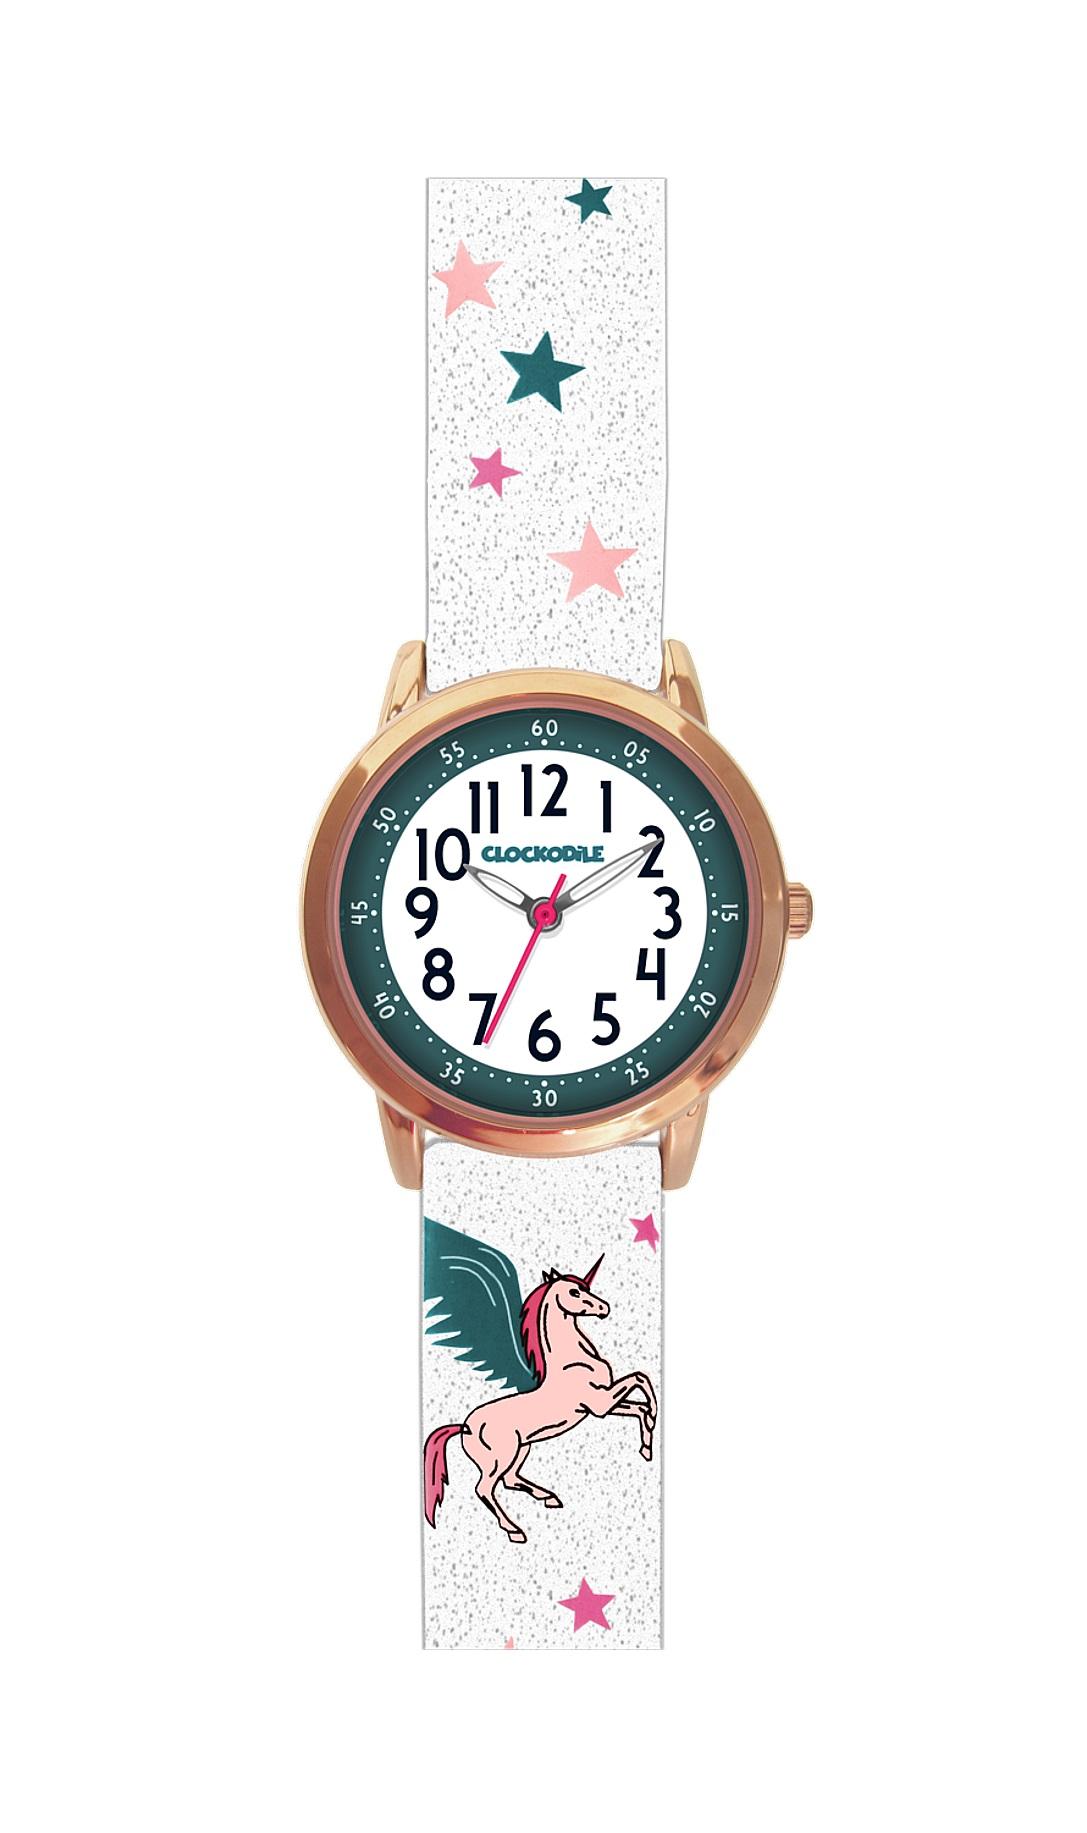 Třpytivé dívčí hodinky s růžovým jednorožcem CLOCKODILE UNICORNS CWG5030 (CWG5030)